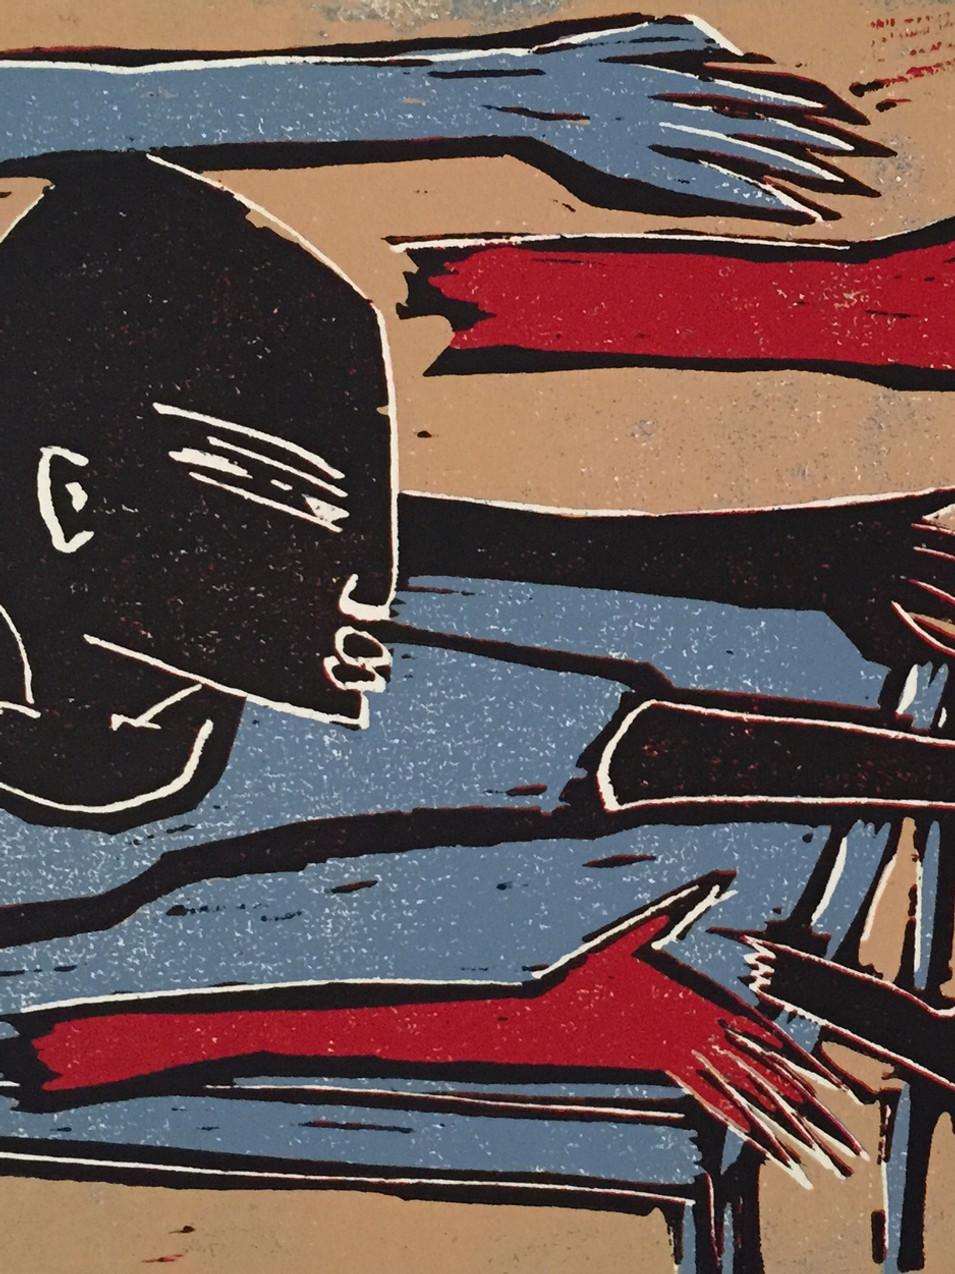 Klaus Süß   Frauenspiel   Mappe Spiel mit mir   2012   Farbholzschnitt   5/6   35 x 50 cm  Mappe komplett 1300 Euro